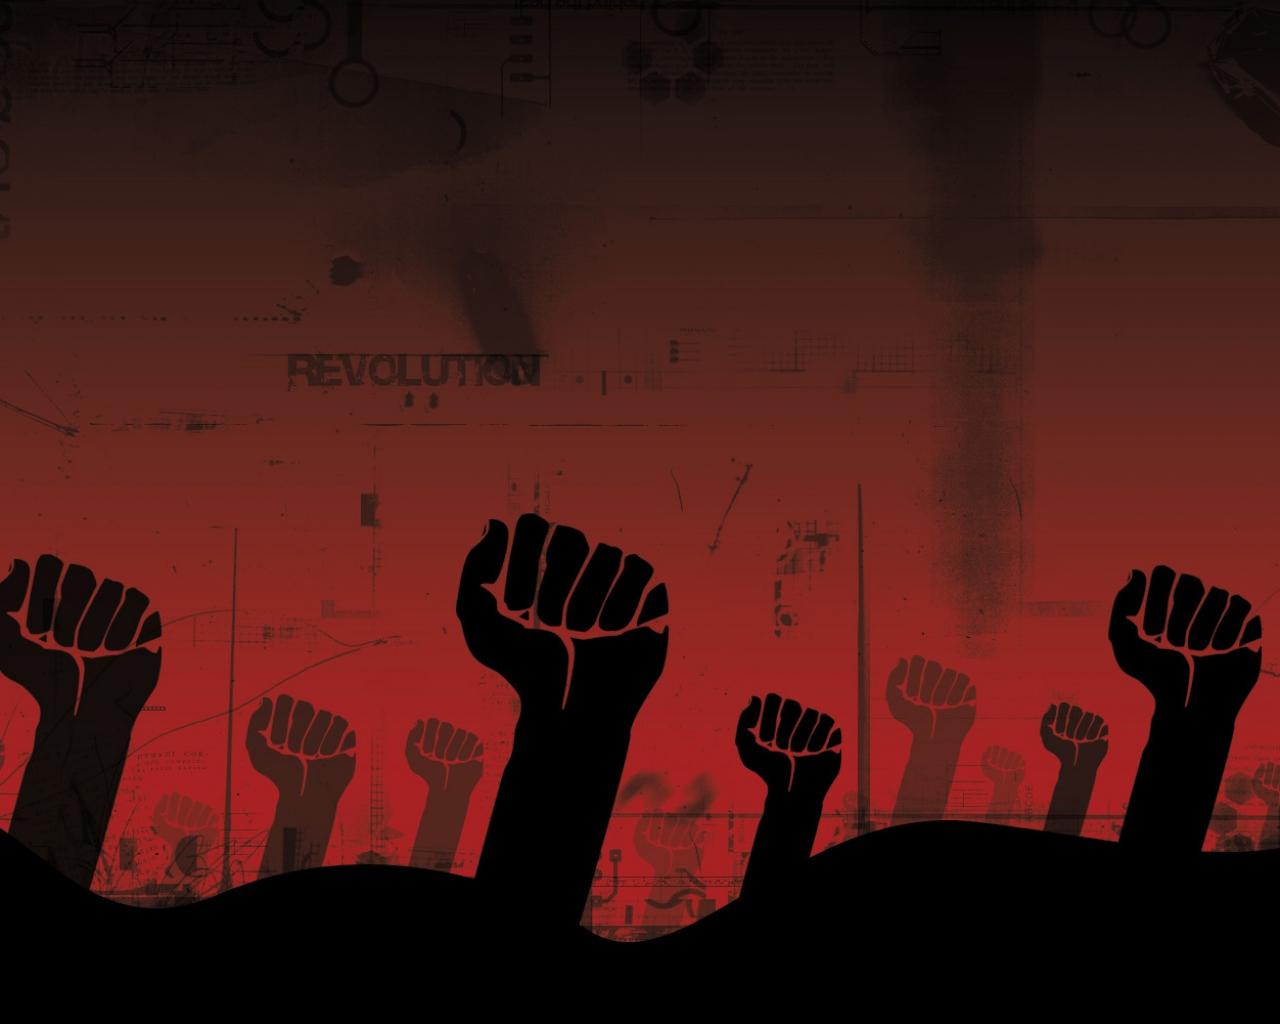 http://1.bp.blogspot.com/-_i_h4ahcXMg/T-_q_7IRkqI/AAAAAAAAHDY/ZopyIj7pijU/s1600/Graffiti+Wallpaper+051.jpg